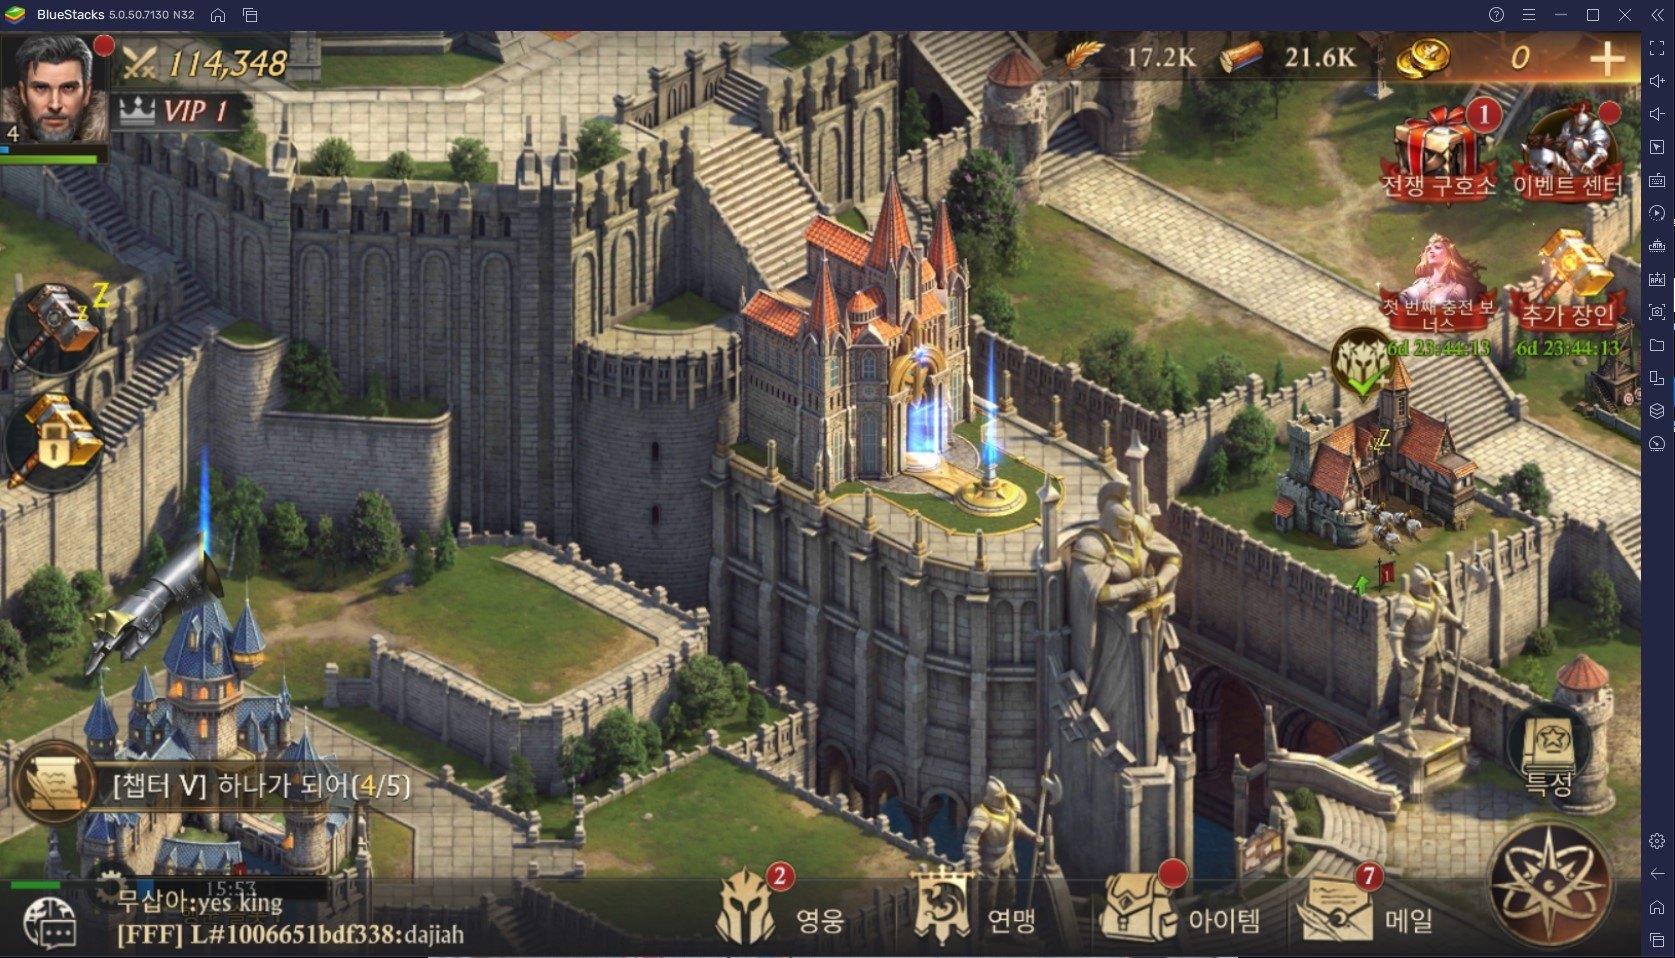 킹 오브 아발론을 PC에서 즐기는 법? 블루스택 앱플레이어와 함께라면 어렵지 않아요